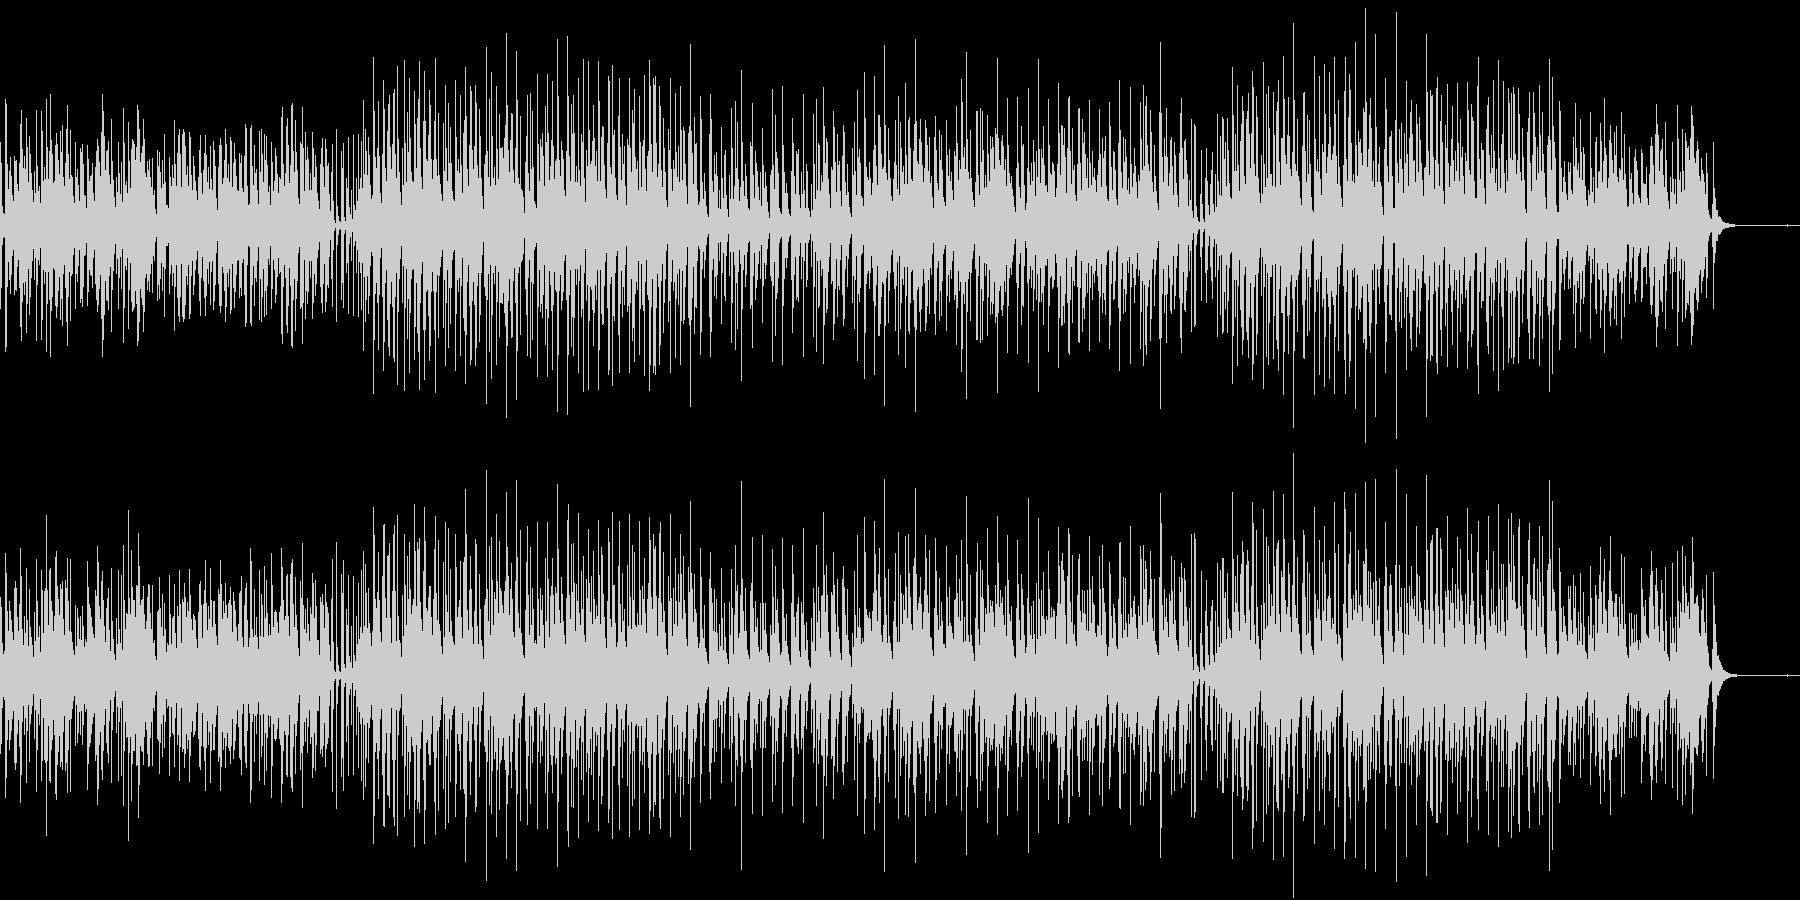 ベルと鉄琴木琴が軽快なアコースティックの未再生の波形